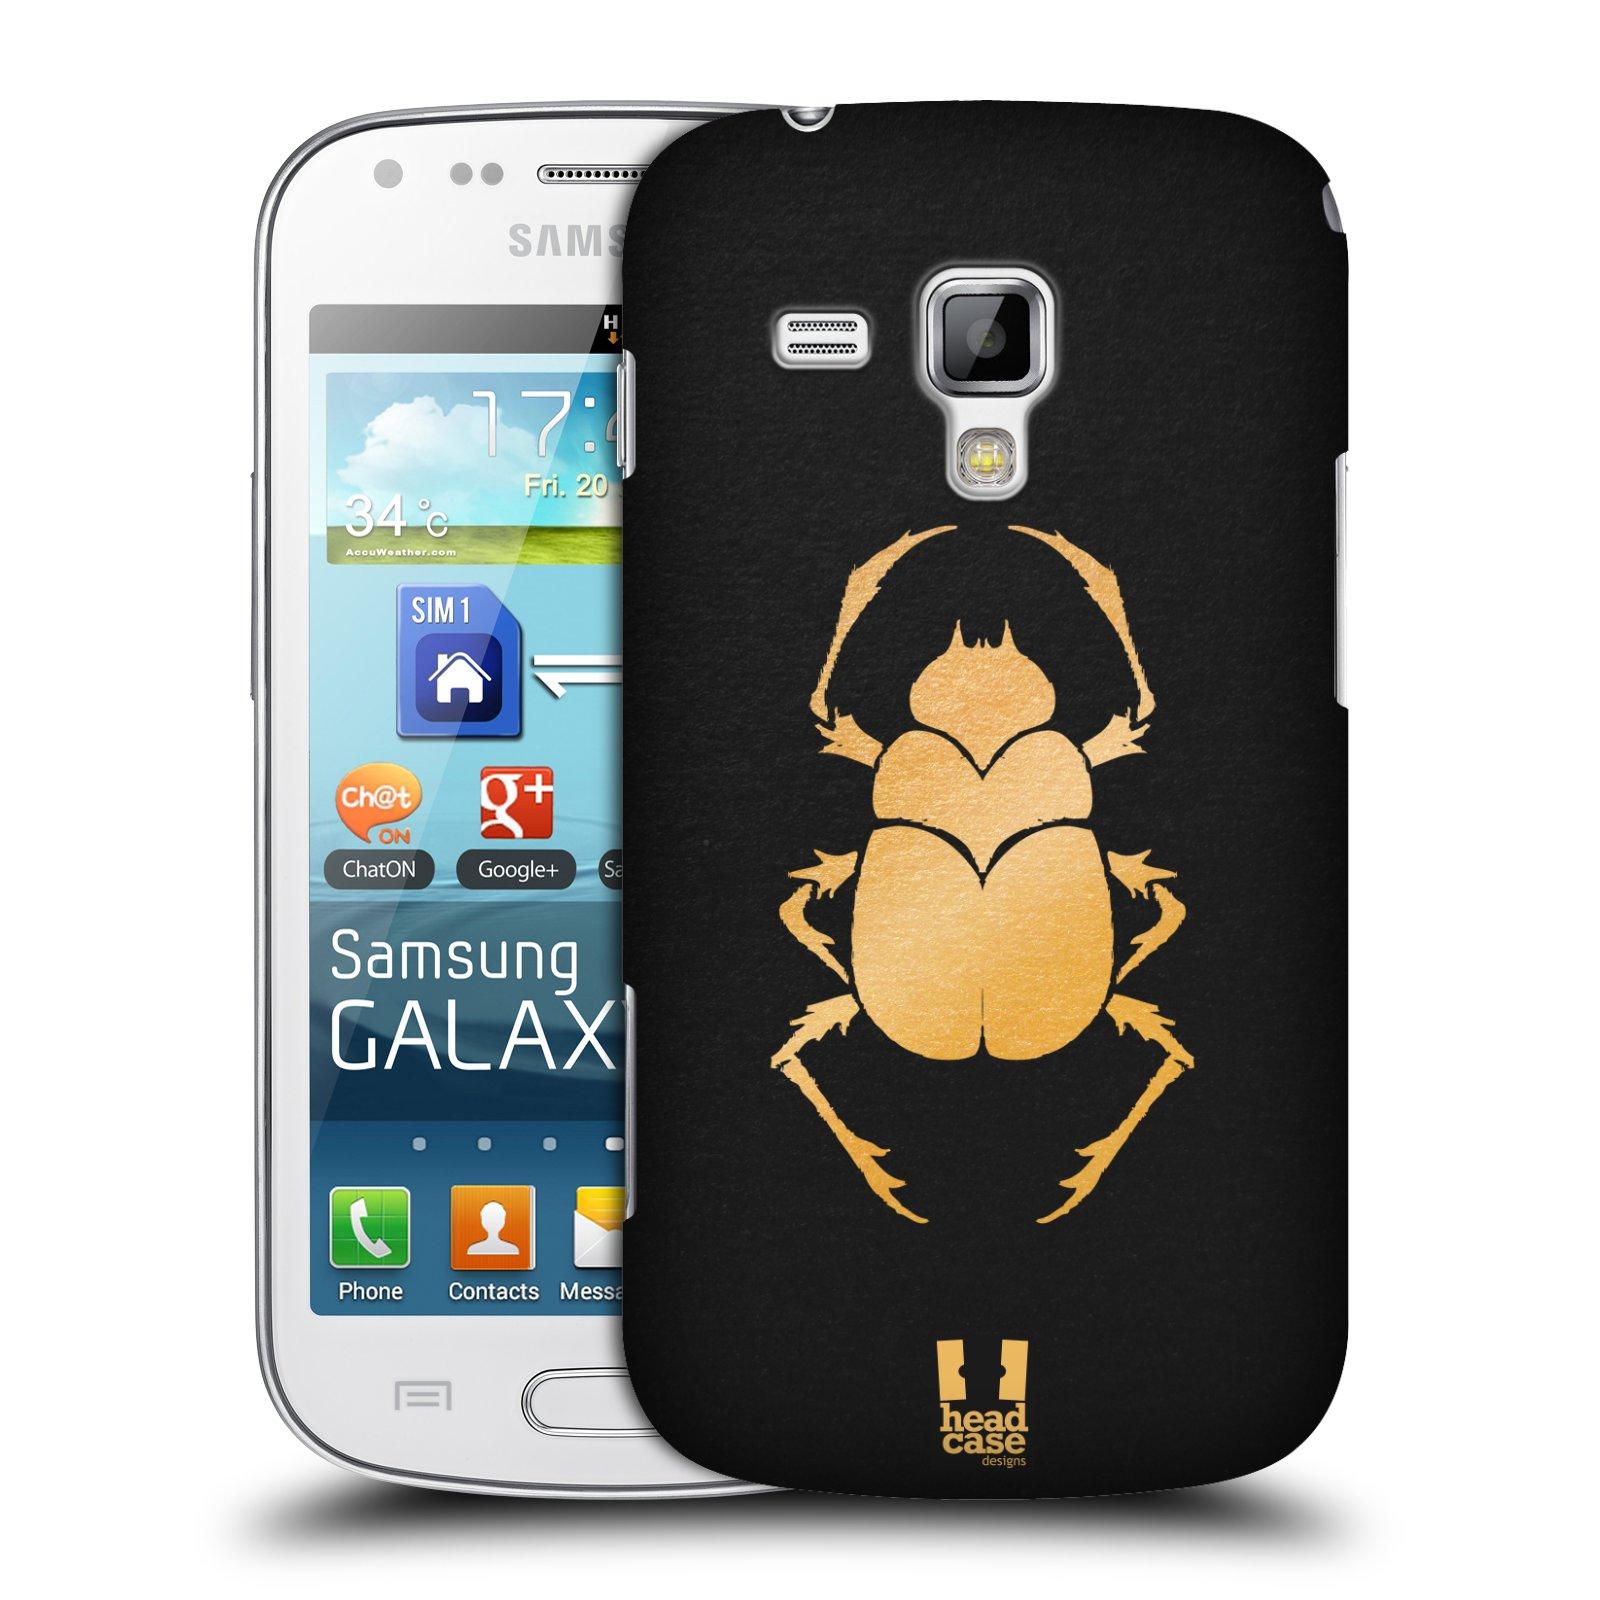 Plastové pouzdro na mobil Samsung Galaxy S Duos HEAD CASE EGYPT SCARABEUS (Kryt či obal na mobilní telefon Samsung Galaxy S Duos GT-S7562)